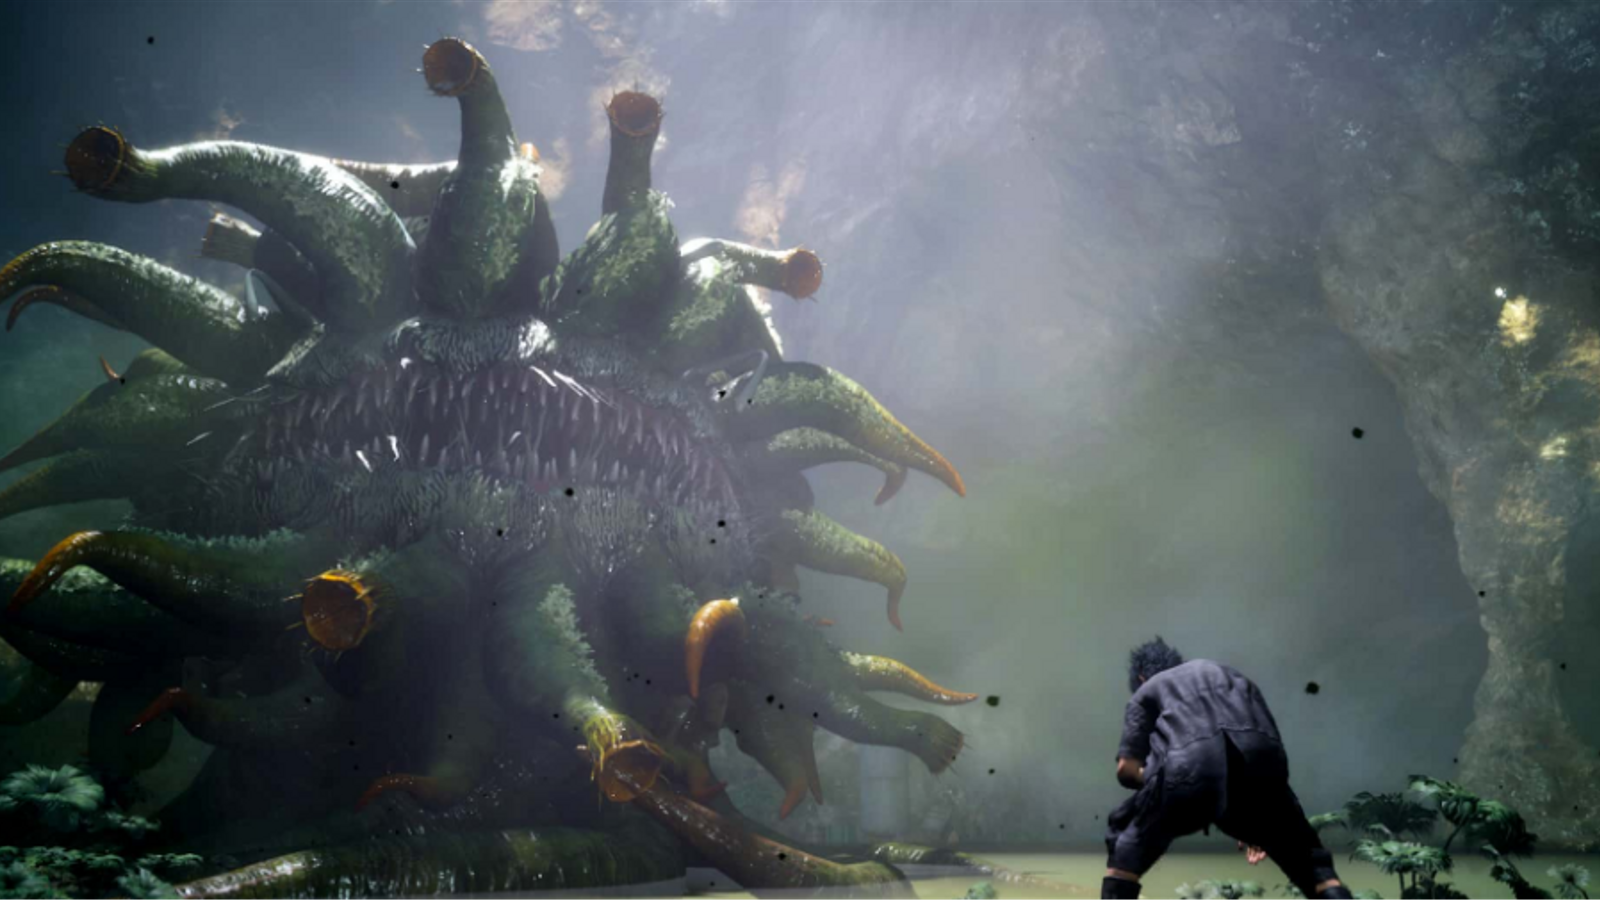 Imatge del joc distribuïda per l'empresa